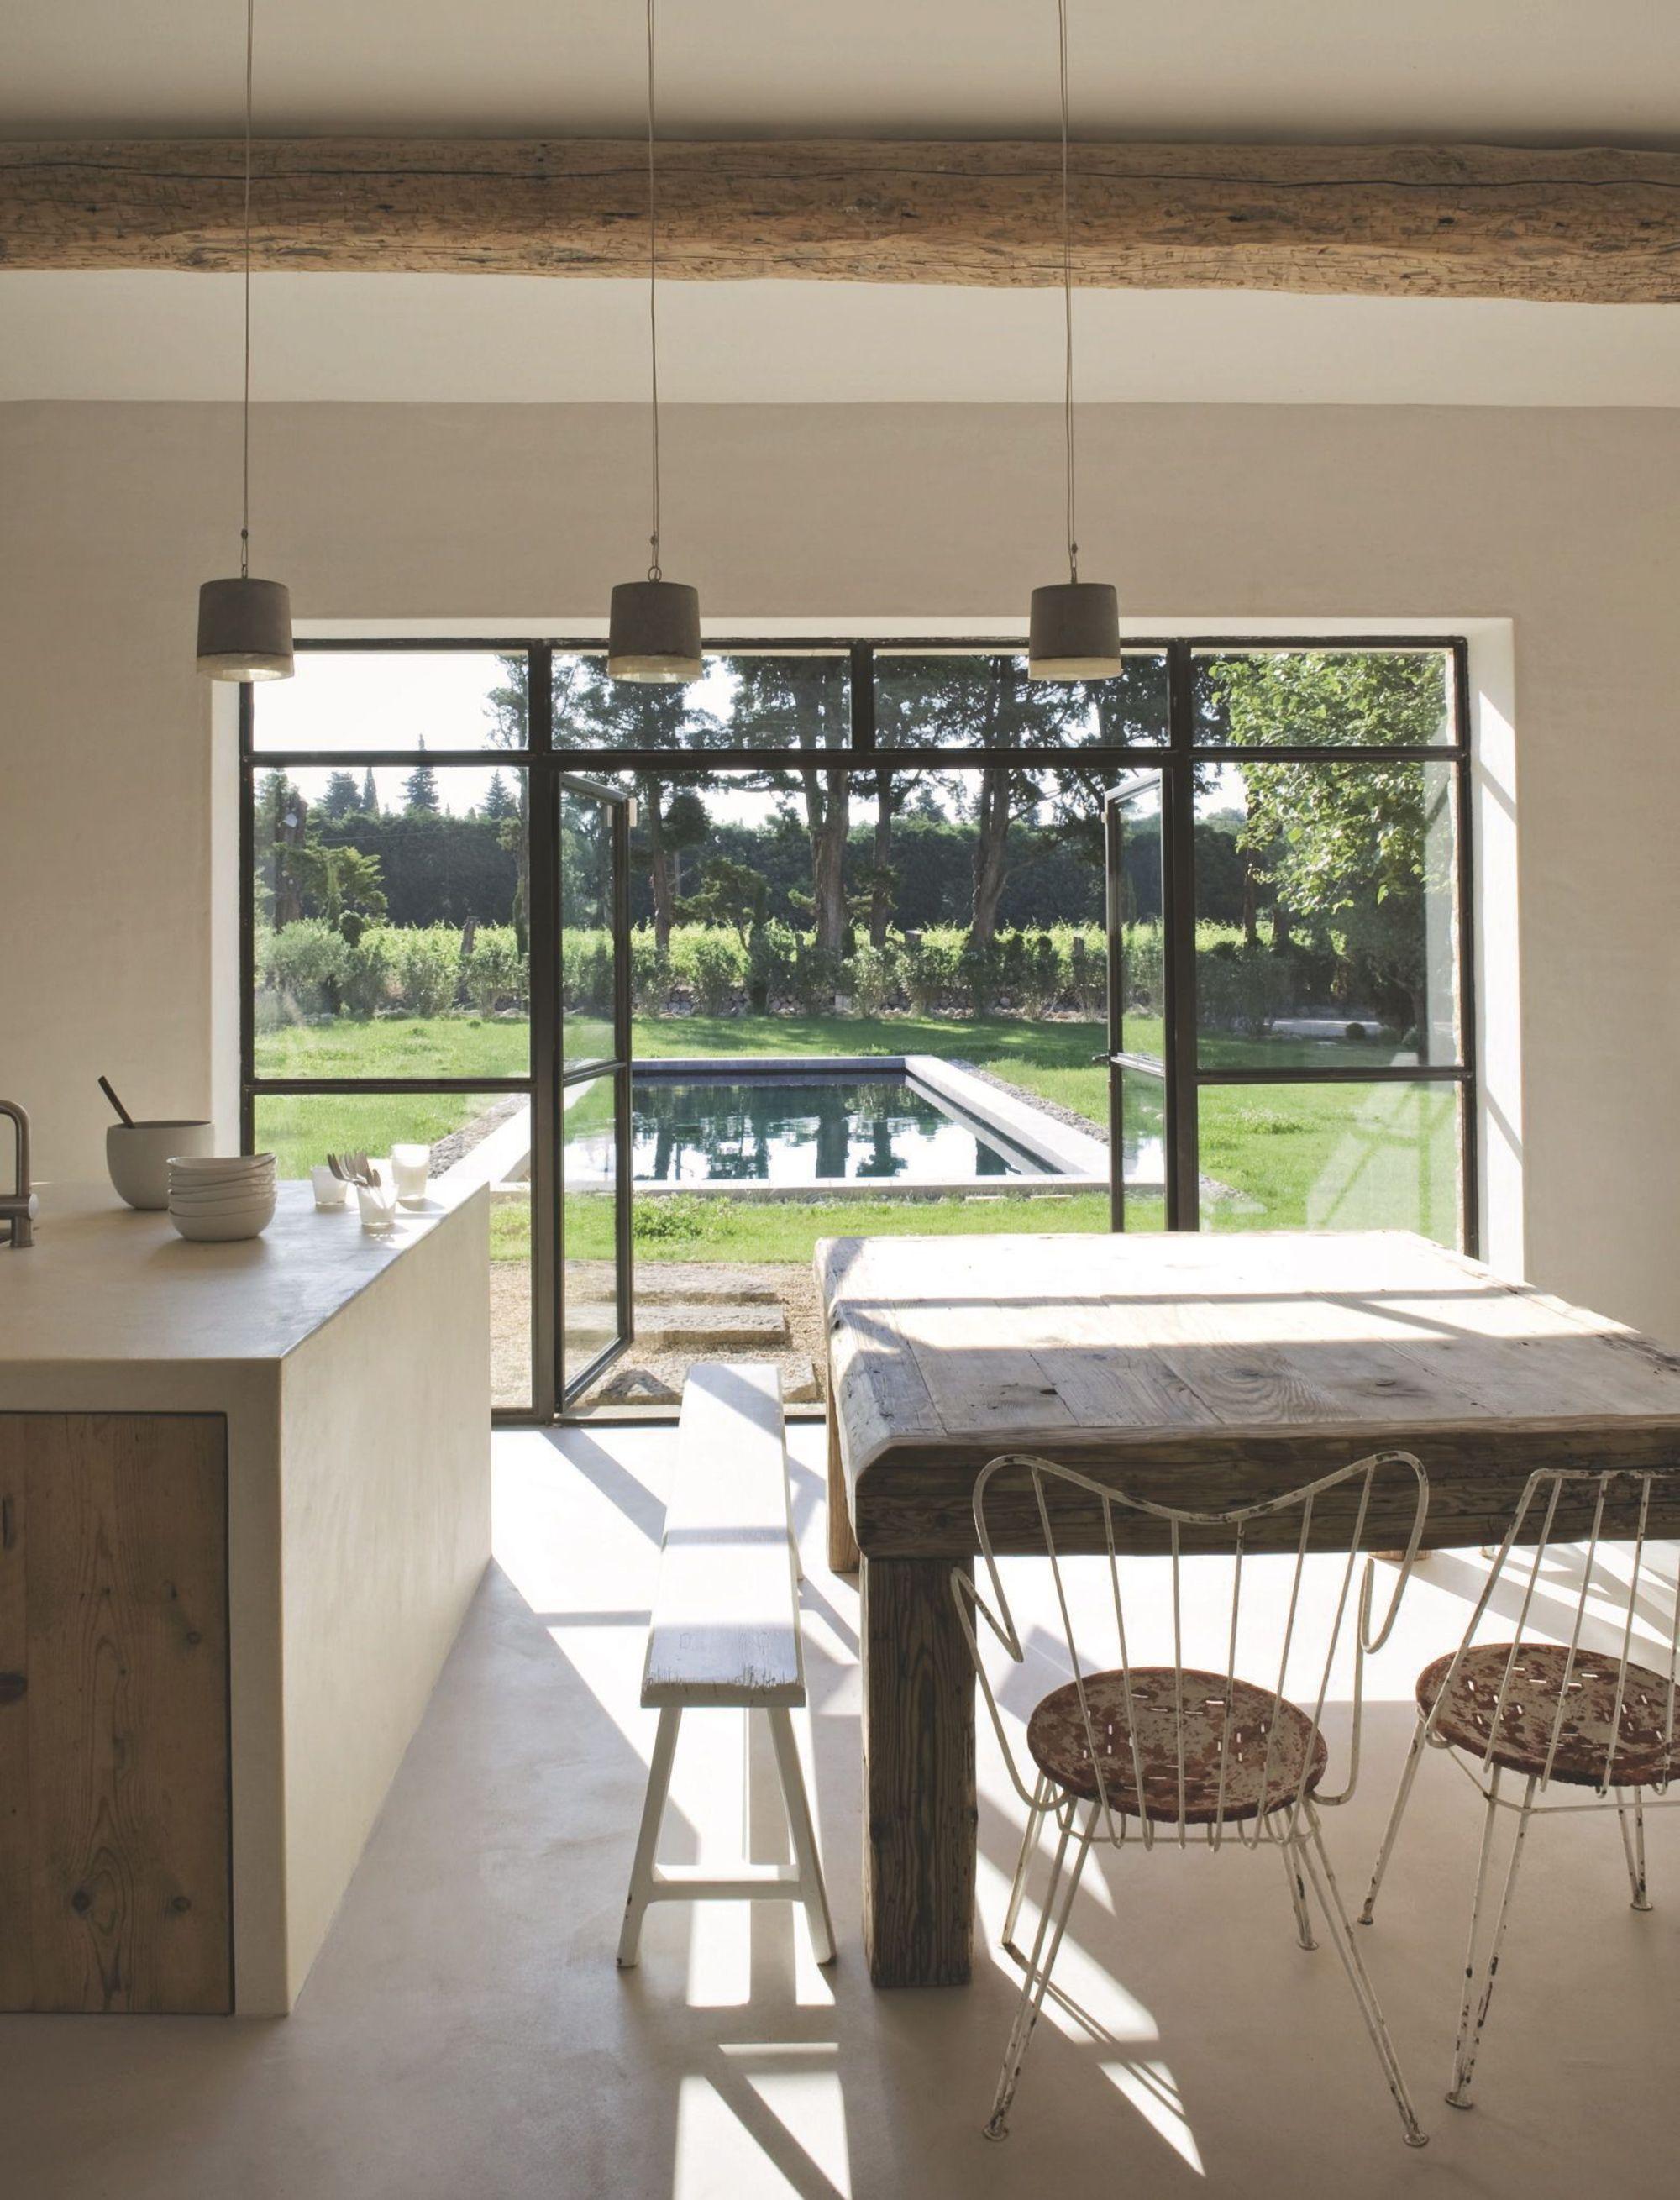 Maison de famille dans sud de la france cuisine home kitchen interior et home deco - Cuisine maison de famille ...